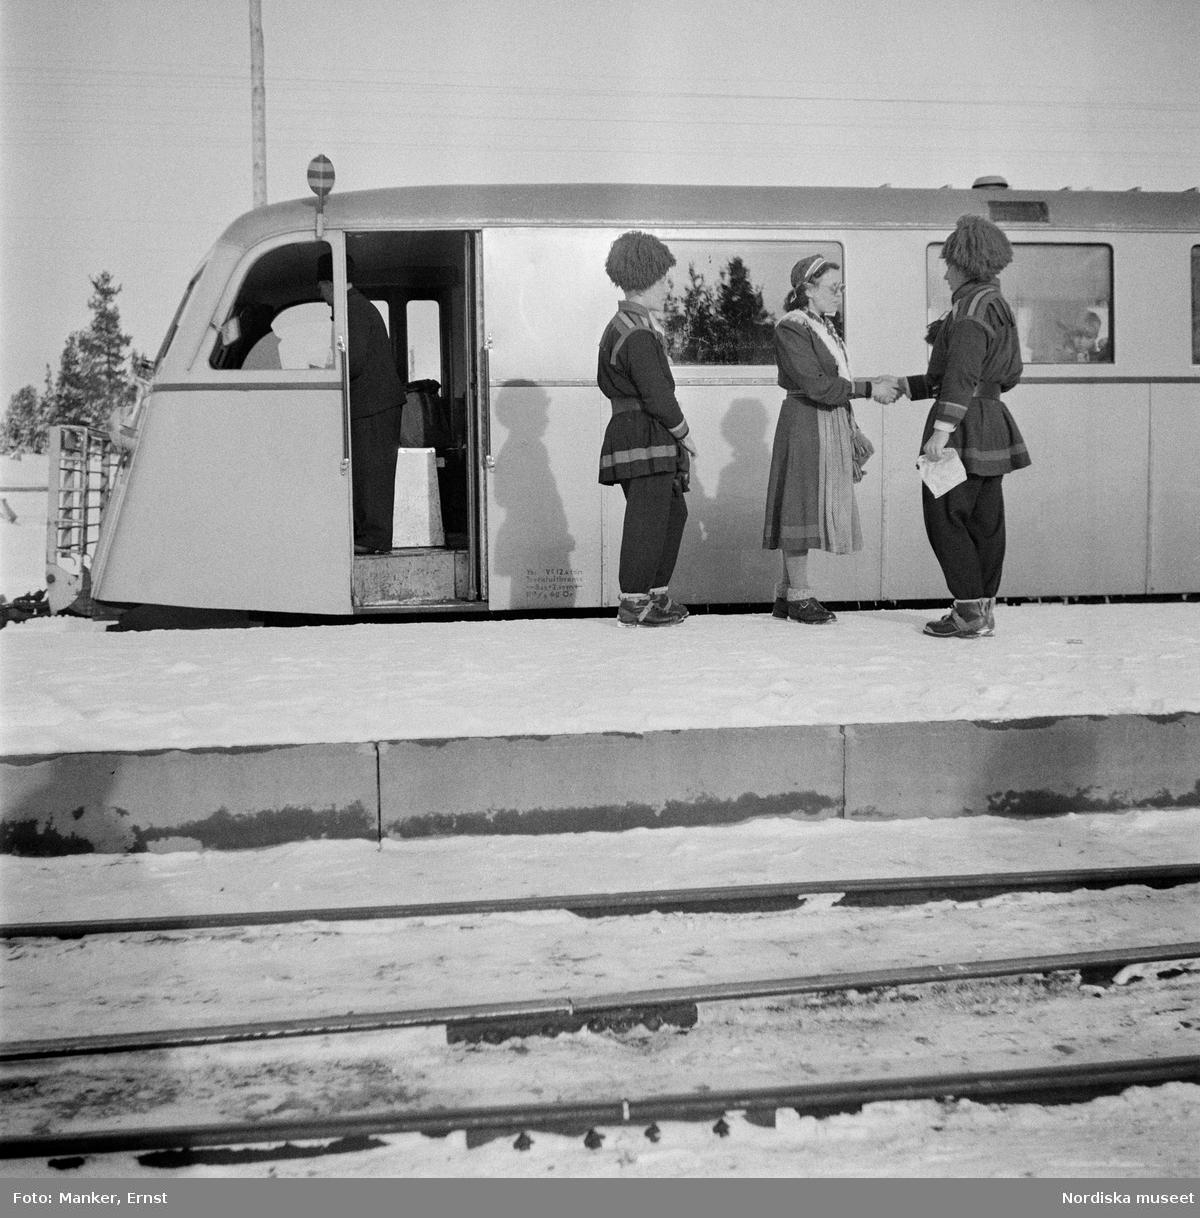 Några samiska ungdomar vid avresan med rälsbuss efter invigningen av Samernas folkhögskola. Jokkmokk under Nordiska museets Lappmarksundersökning.